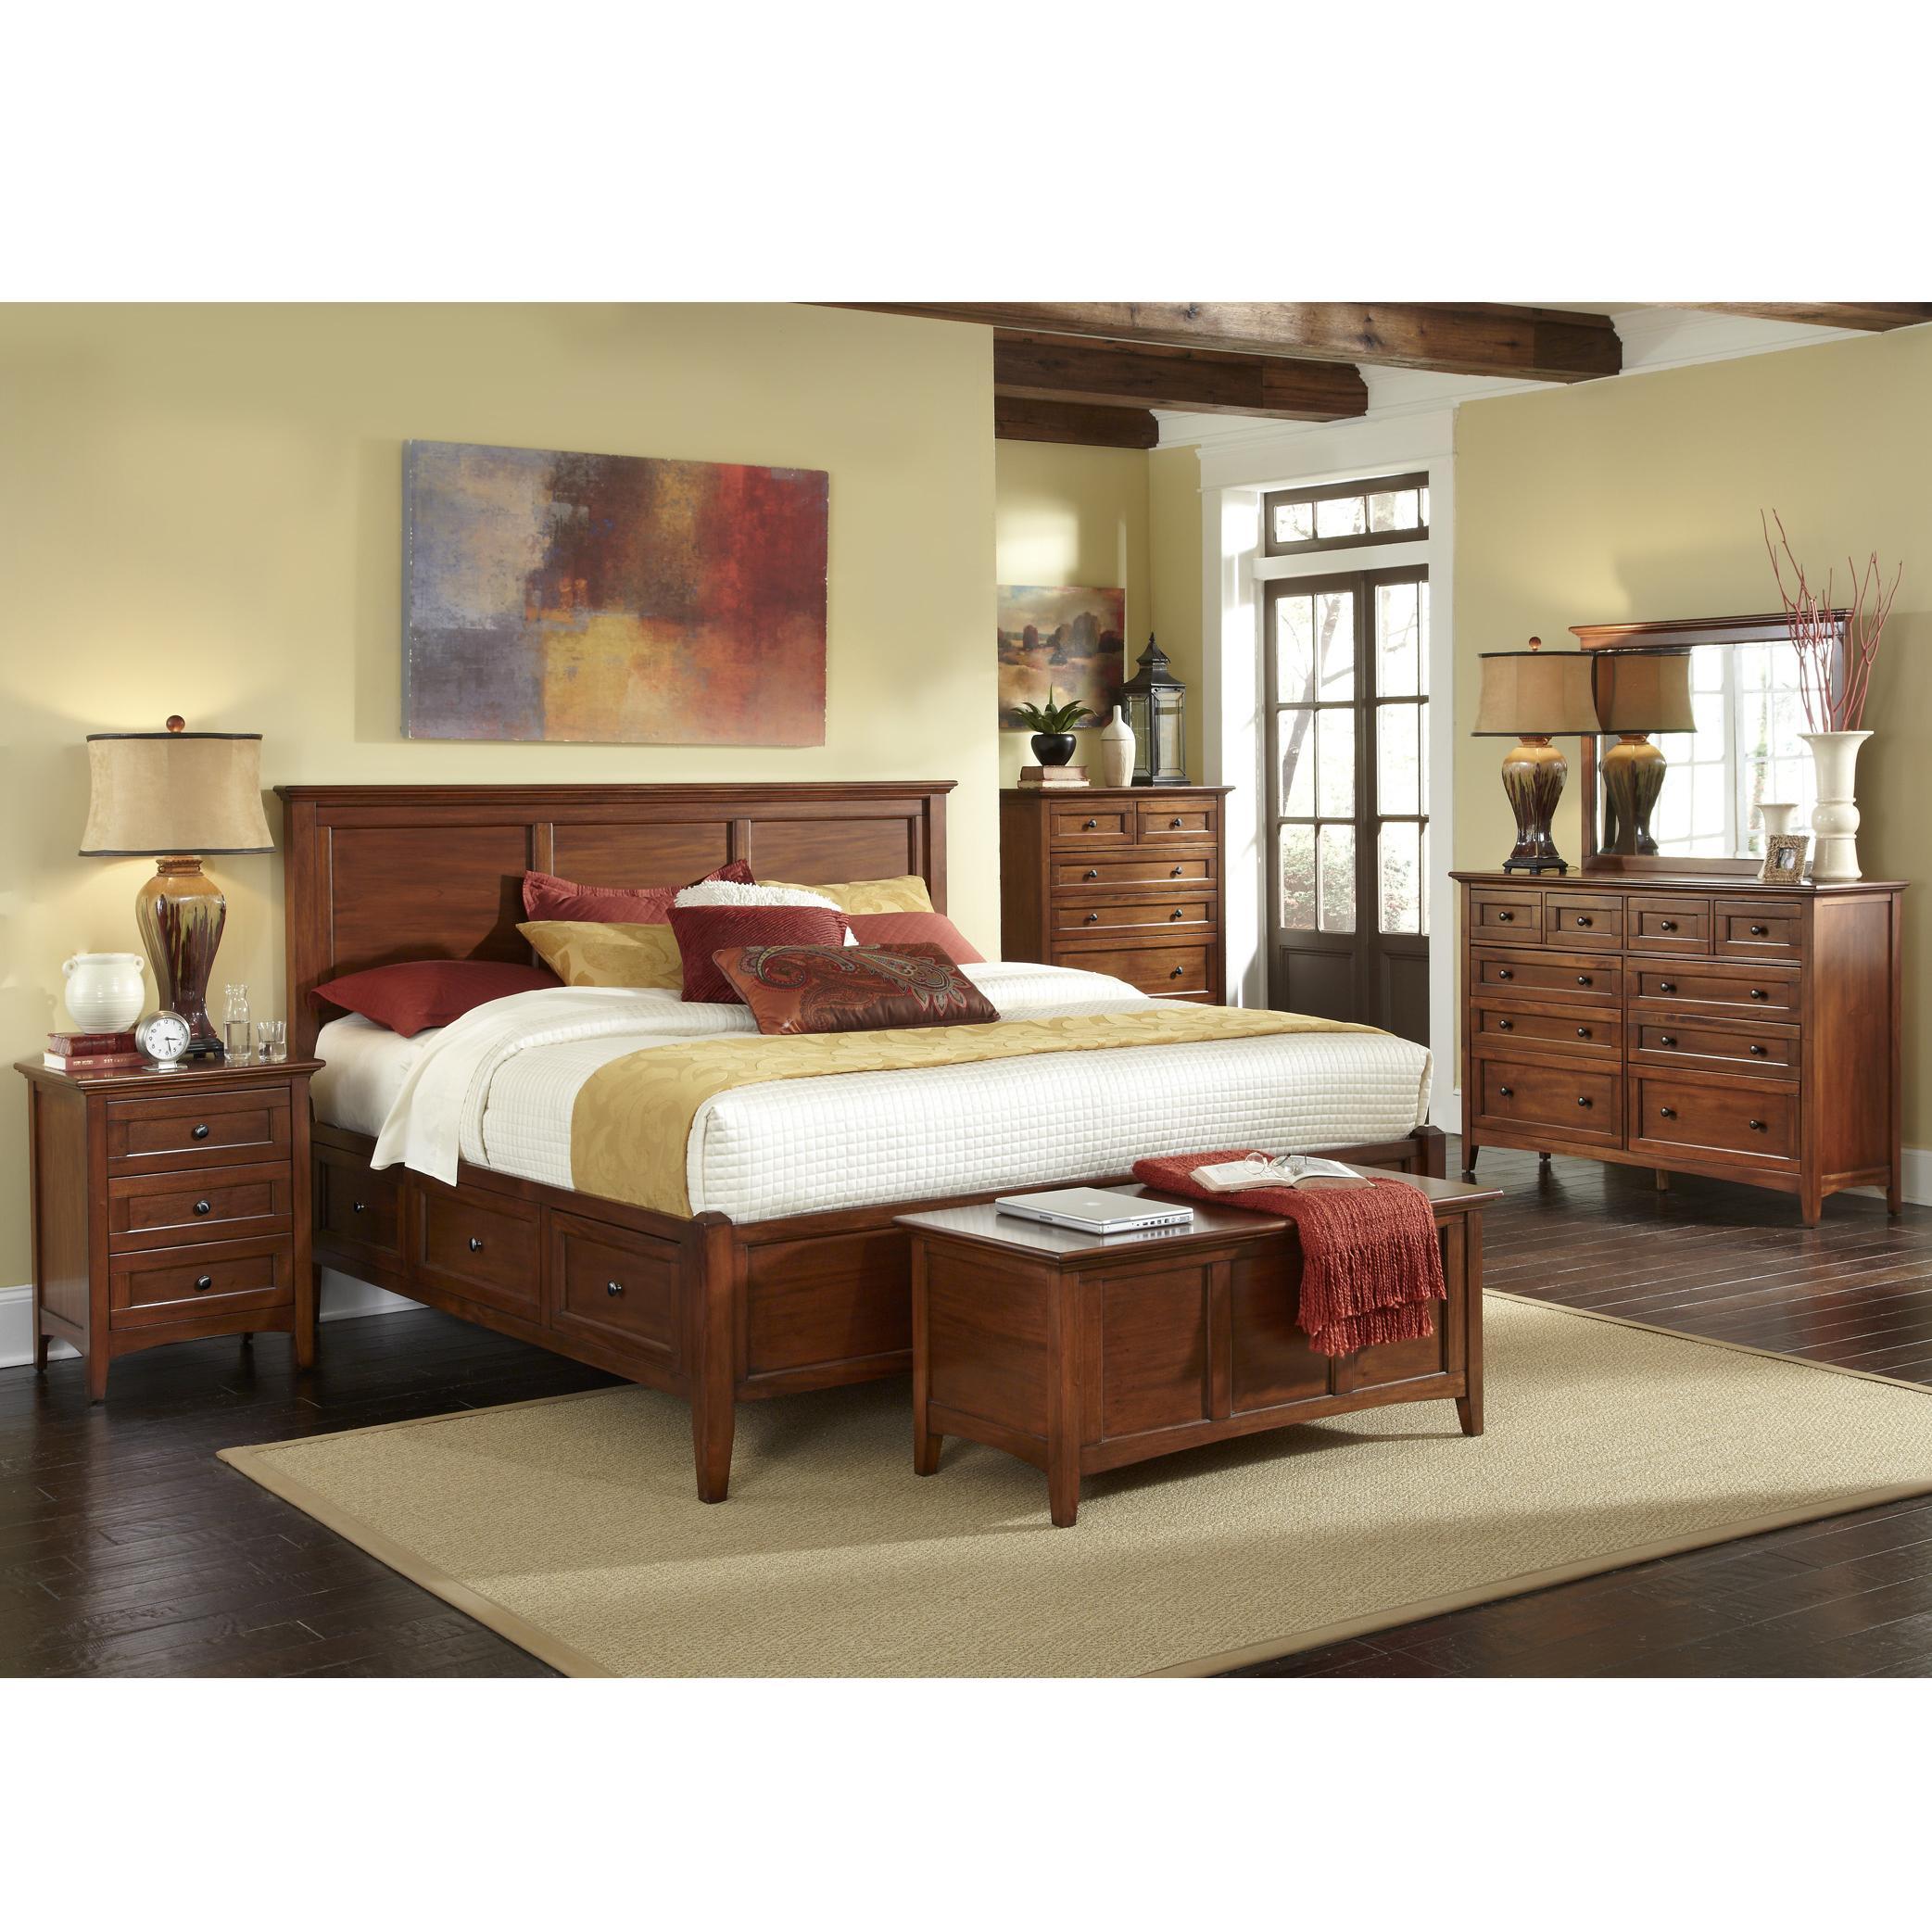 Westlake California King Storage Bedroom Group by AAmerica at Mueller Furniture